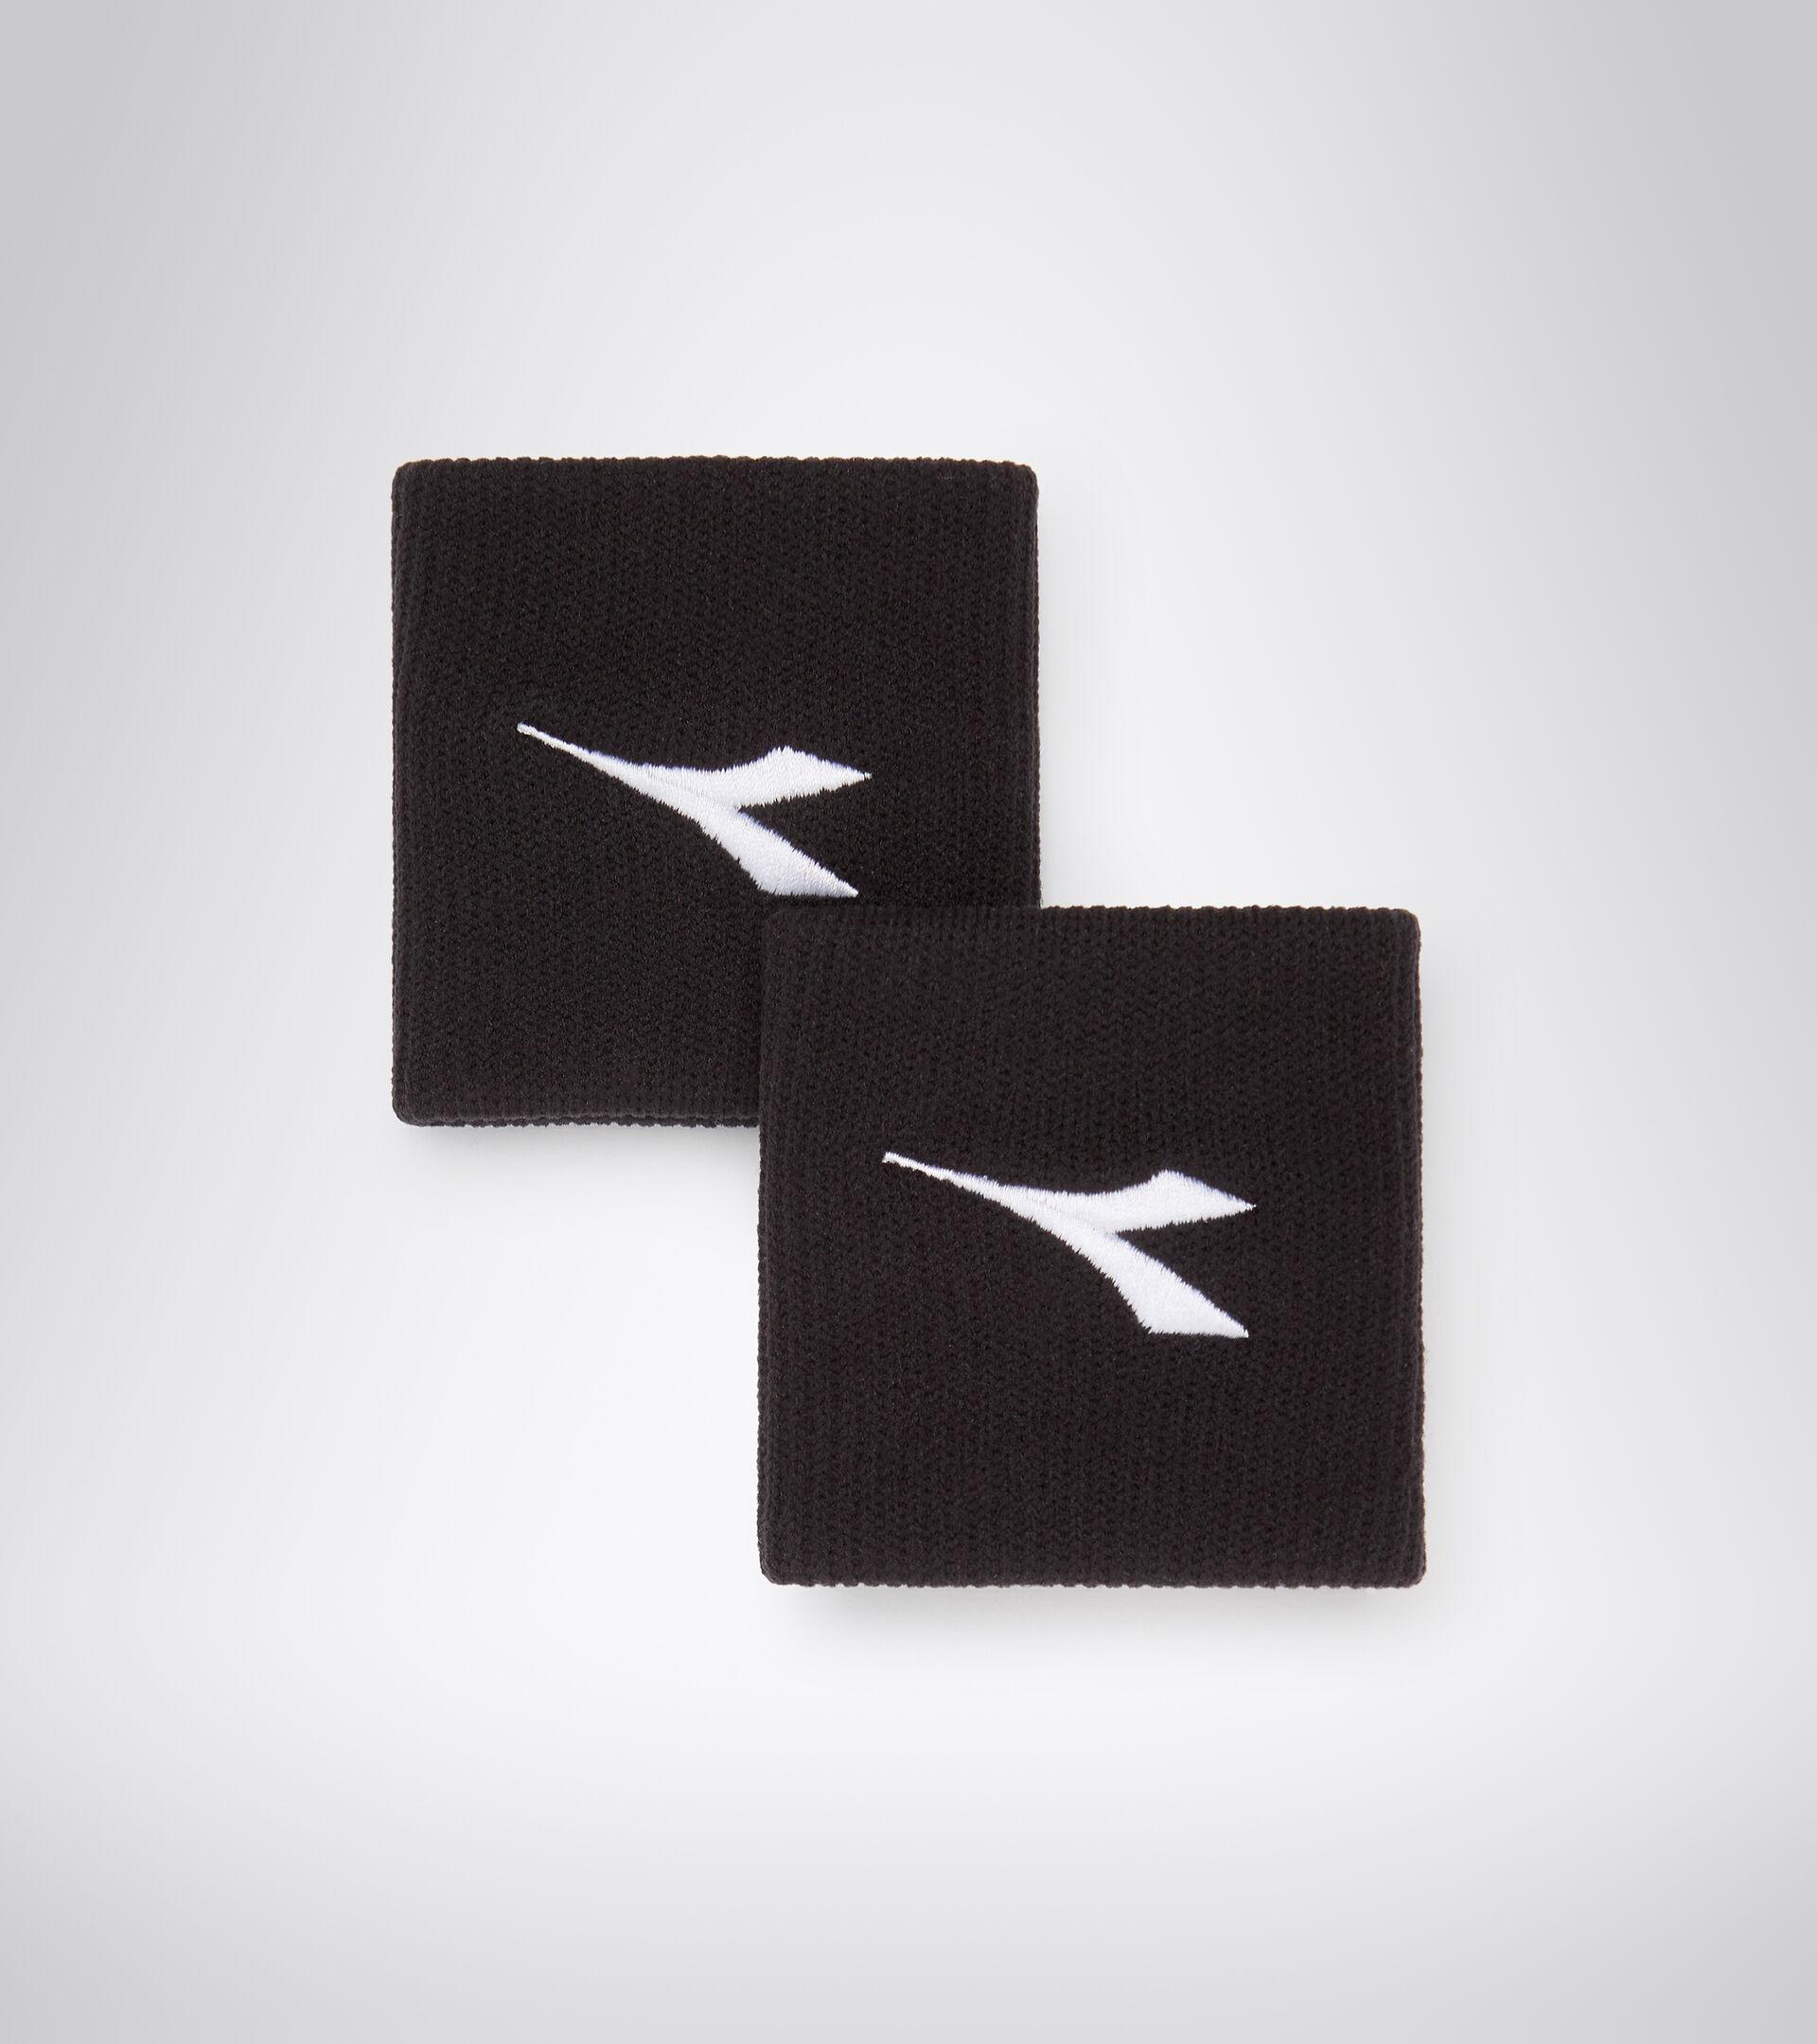 Muñequera para el sudor - Unisex WRISTBANDS BLACK/OPTICAL WHITE - Diadora